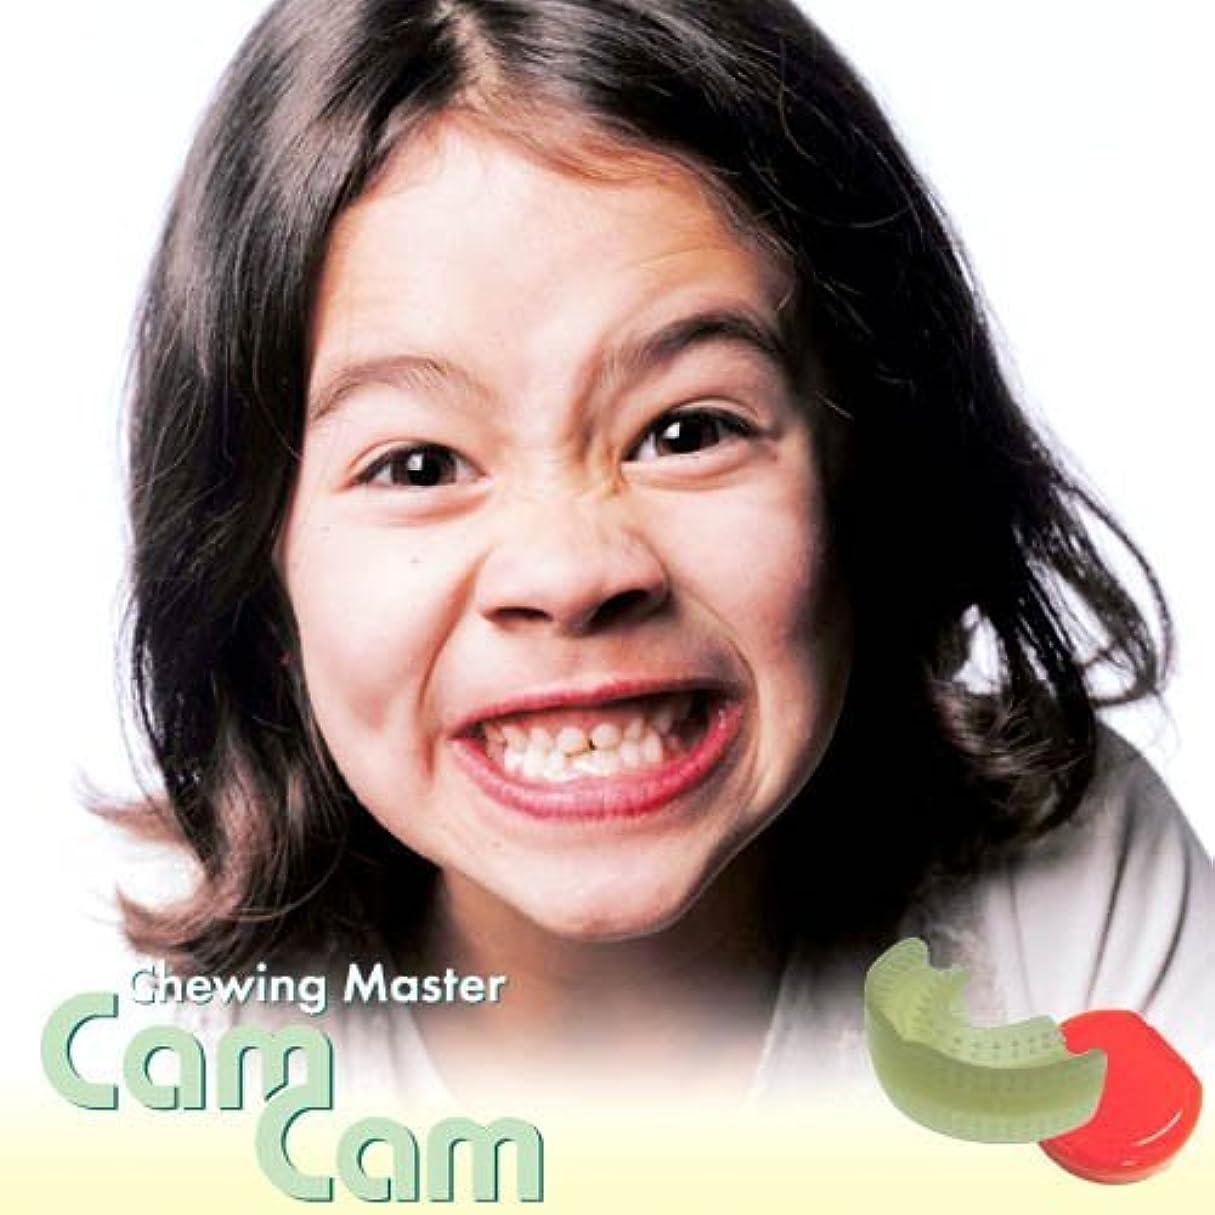 チャップメンダシティこれら歯科医師開発 口腔筋機能トレーニングマウスピース【CamCam ST】カムカム (オレンジ) 乳歯列期から混合歯列期用